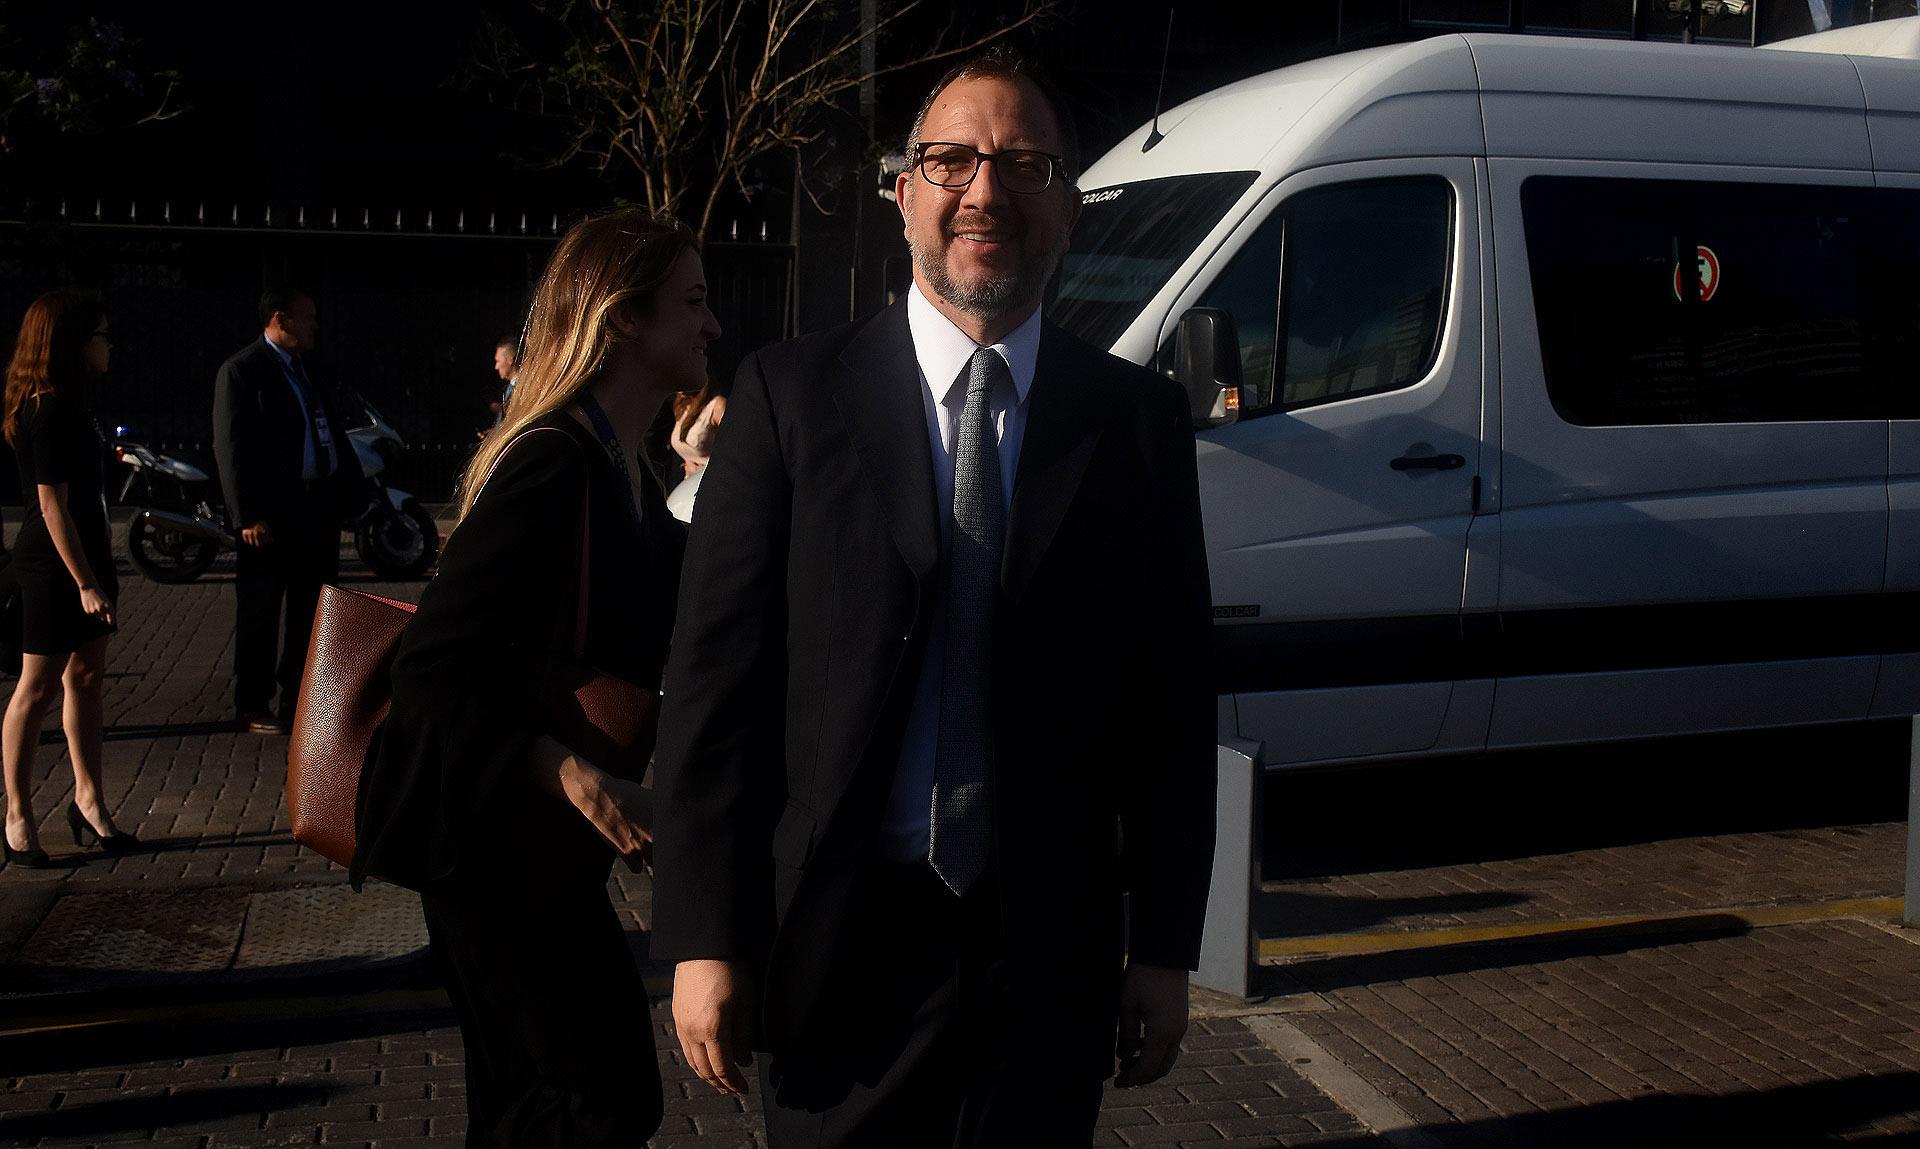 El Secretario General de la provincia de Buenos Aires, Fabián Perechodnik